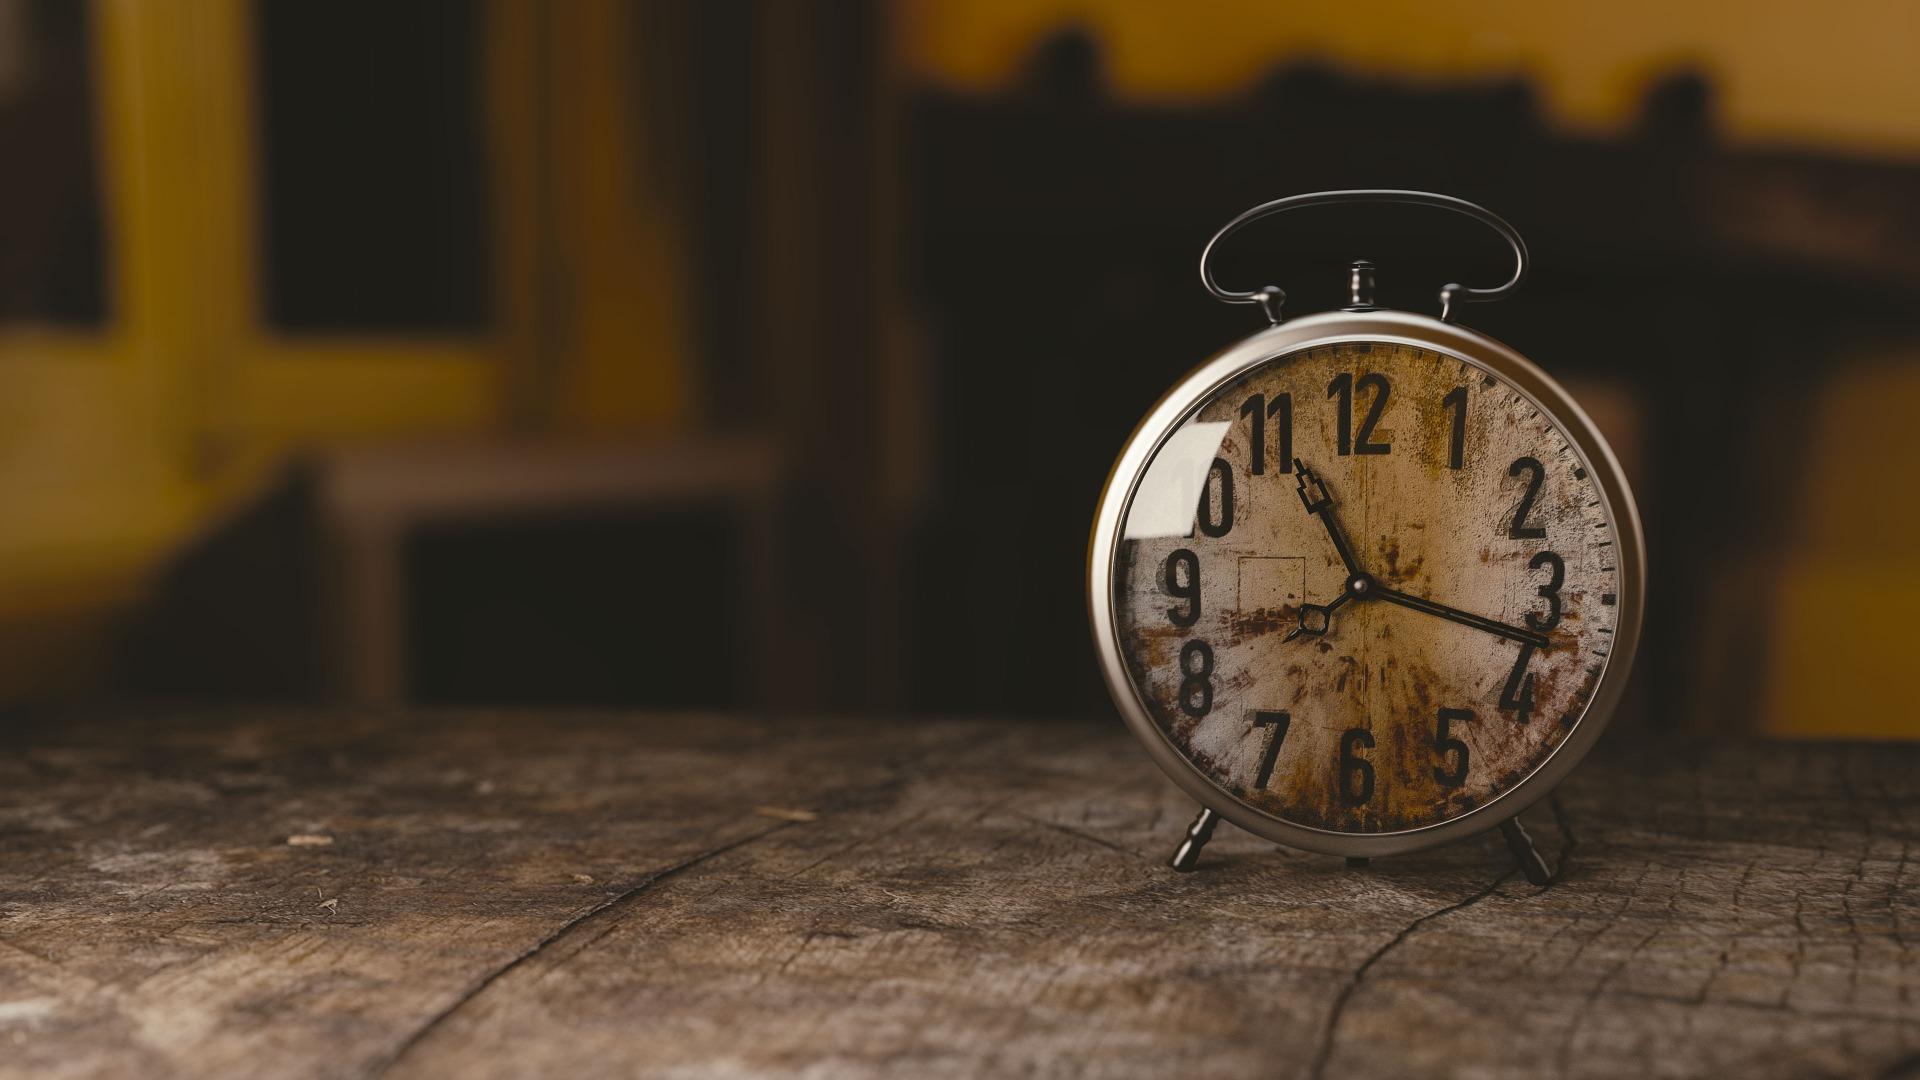 Eine alte Uhr, die auf einem Holztisch steht. Sie kann die Zeit zur Bezahlung von Erschließungskosten zeigen.